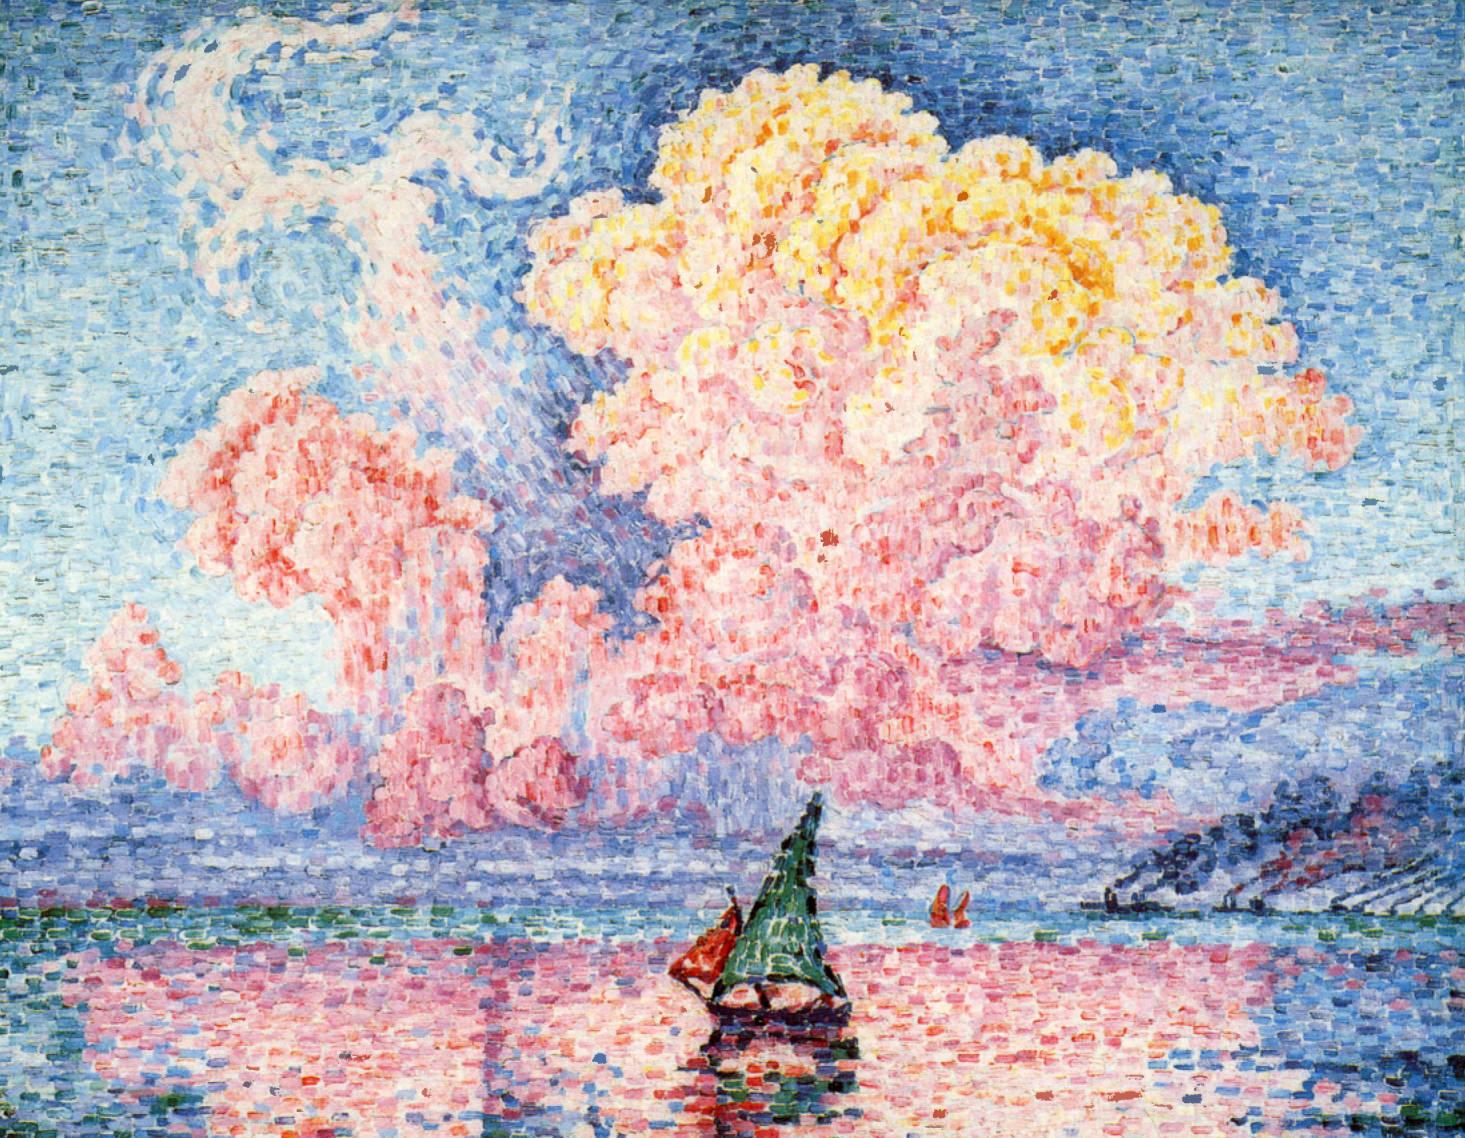 Paul Signac, Antibes, le nuage rose, 1916, image via Artslack